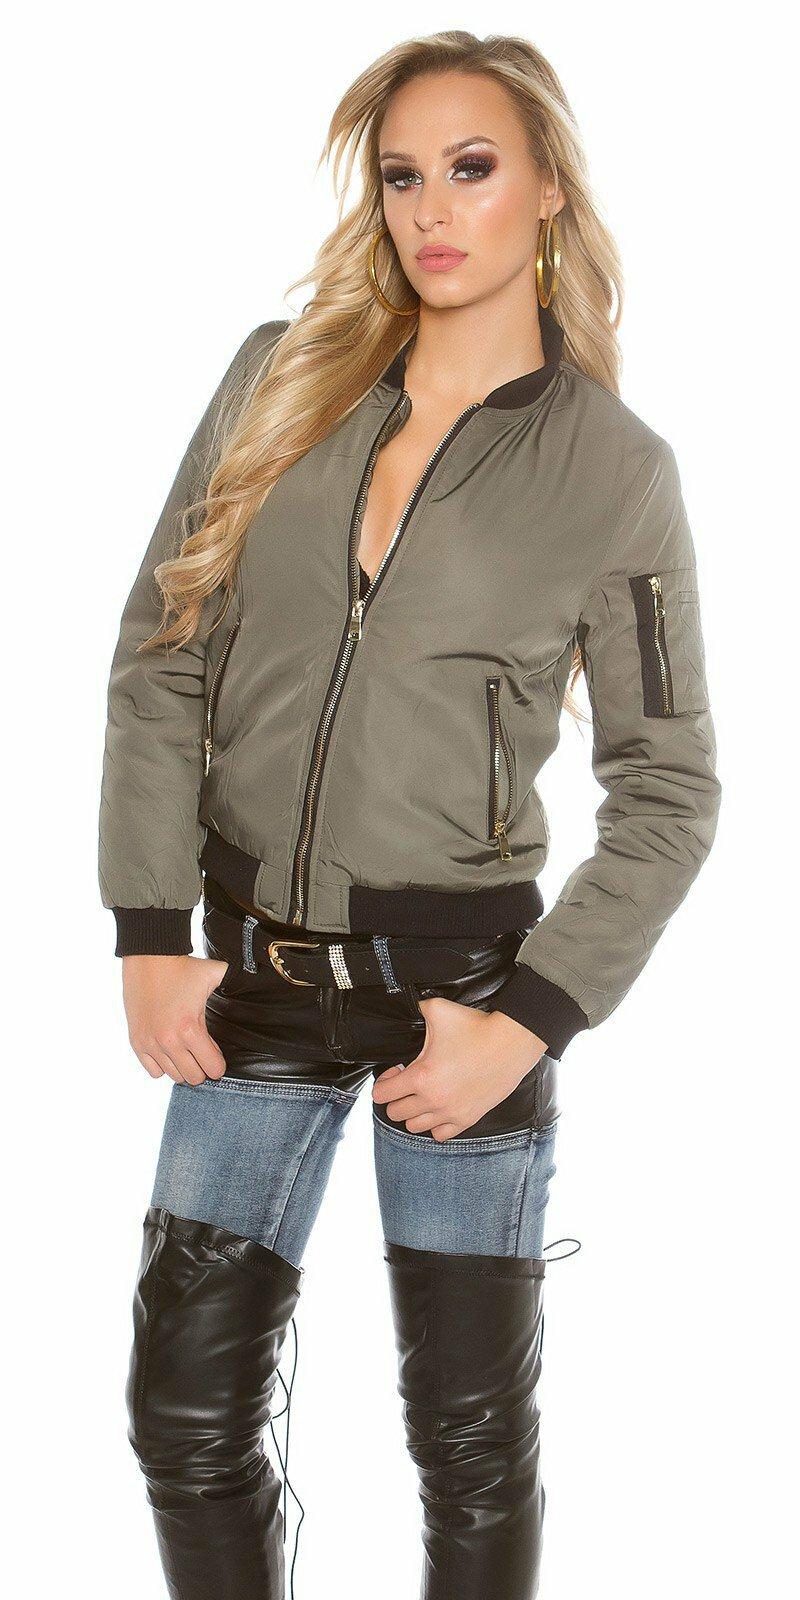 Dámska štýlová jesenná bunda #Veľkosť M Farba Khaky Zľava 40%